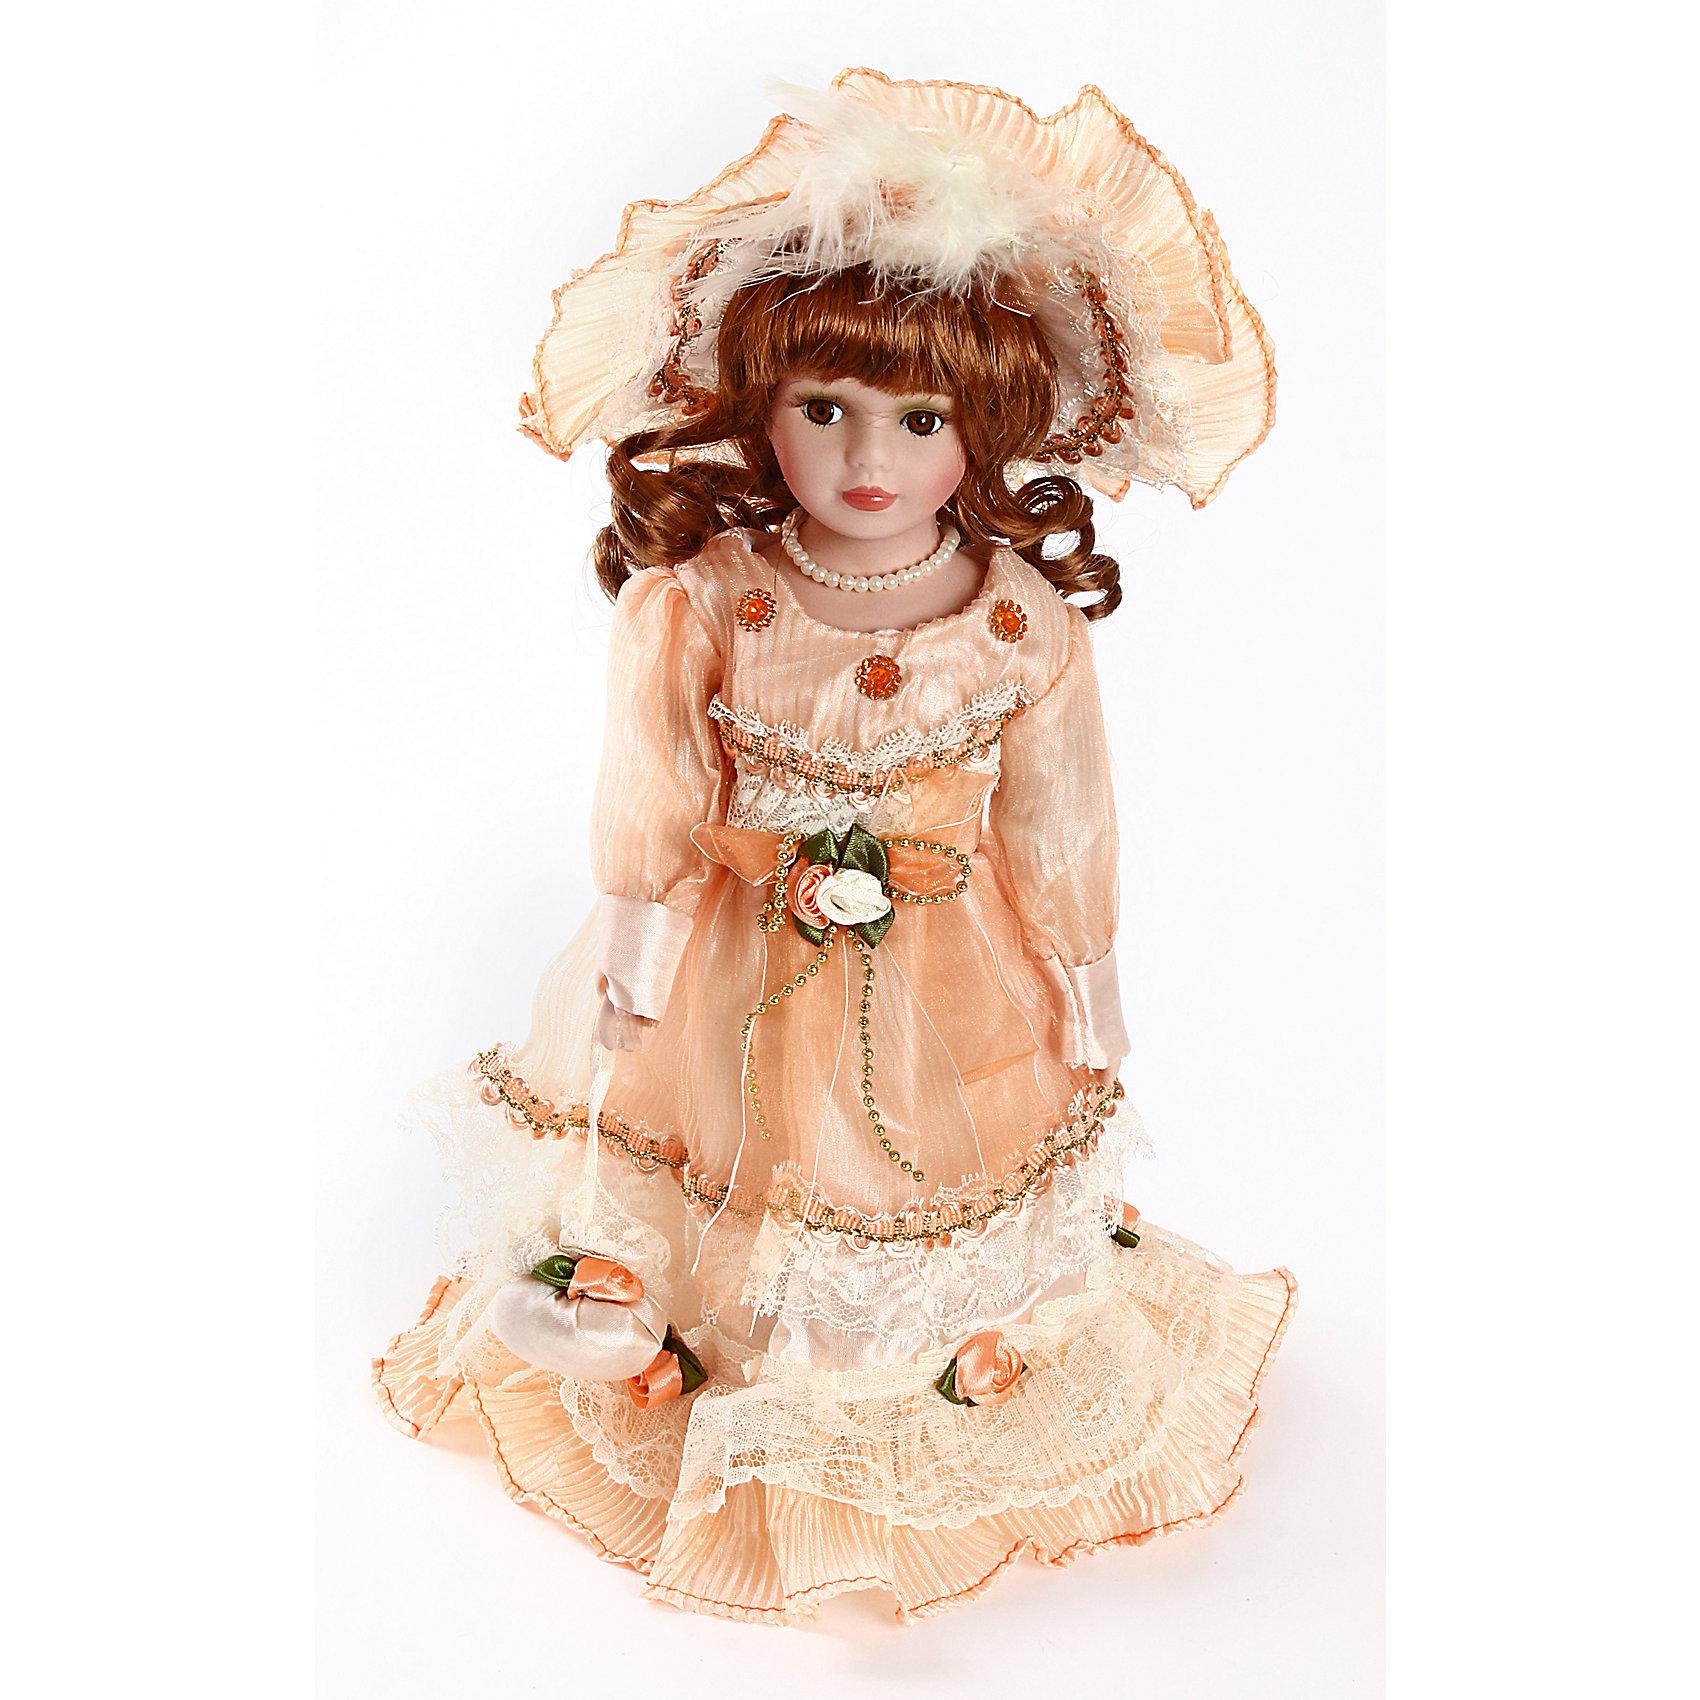 Фарфоровая кукла Кери, Angel CollectionБренды кукол<br>Фарфоровая кукла Кери, Angel Collection.<br><br>Характеристики:<br><br>• Высота куклы: 30 см.<br>• Материал: фарфор, текстиль.<br>• Упаковка: картонная коробка блистерного типа<br><br>Фарфоровая кукла Кери, Angel Collection представляет собой изящно выполненную куклу на подставке, выглядящую невероятно реалистично. Весь образ куклы тщательно продуман и детализирован. Кукла очаровывает с первого взгляда. Она одета в нарядное платье с длинными рукавами, украшенное розами, на голове – шляпка в тон наряду, шею украшает роскошное жемчужное ожерелье. В руках Кери держит сумочку. Волосы куклы уложены в аккуратную прическу и завиты в роскошные локоны. Лицо отлично прорисовано, у игрушечной девушки выразительные карие глаза. <br><br>Фарфоровая красавица Кери - это не просто игрушка, а также украшение для интерьера или ценный экспонат коллекции. Каждая кукла в серии Angel Collection, обладает неповторимым образом - принцессы, феи, маленькие девочки, роскошные невесты и т.д. Изысканные наряды и очаровательная матовость фарфора превращают этих кукол в настоящее произведение искусства. Куклы Angel Collection сделаны из уникальной голубой глины, добываемой только в провинции Tai-Nan Shin, Тайвань.<br><br>Фарфоровую куклу Кери, Angel Collection можно купить в нашем интернет-магазине.<br><br>Ширина мм: 145<br>Глубина мм: 320<br>Высота мм: 95<br>Вес г: 500<br>Возраст от месяцев: 36<br>Возраст до месяцев: 2147483647<br>Пол: Женский<br>Возраст: Детский<br>SKU: 5400274